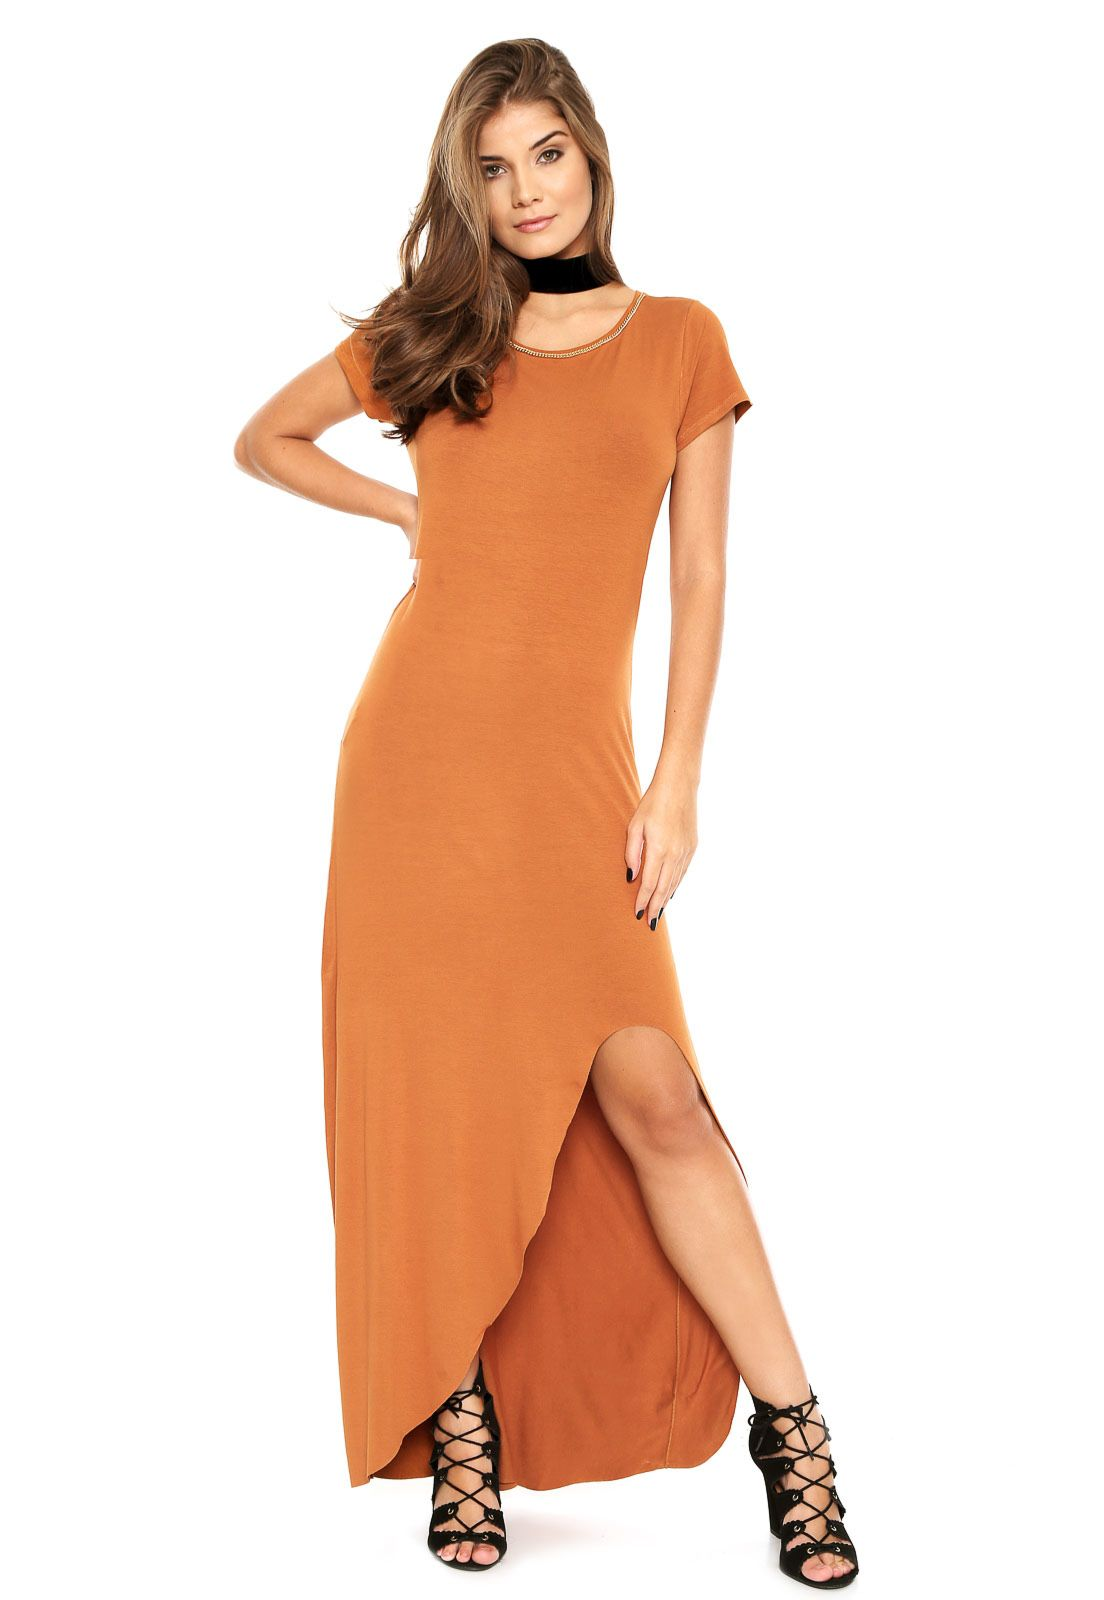 bac46c1ff Vestido dimy Longo Assimétrico Caramelo | vestidos casuais | Dresses ...